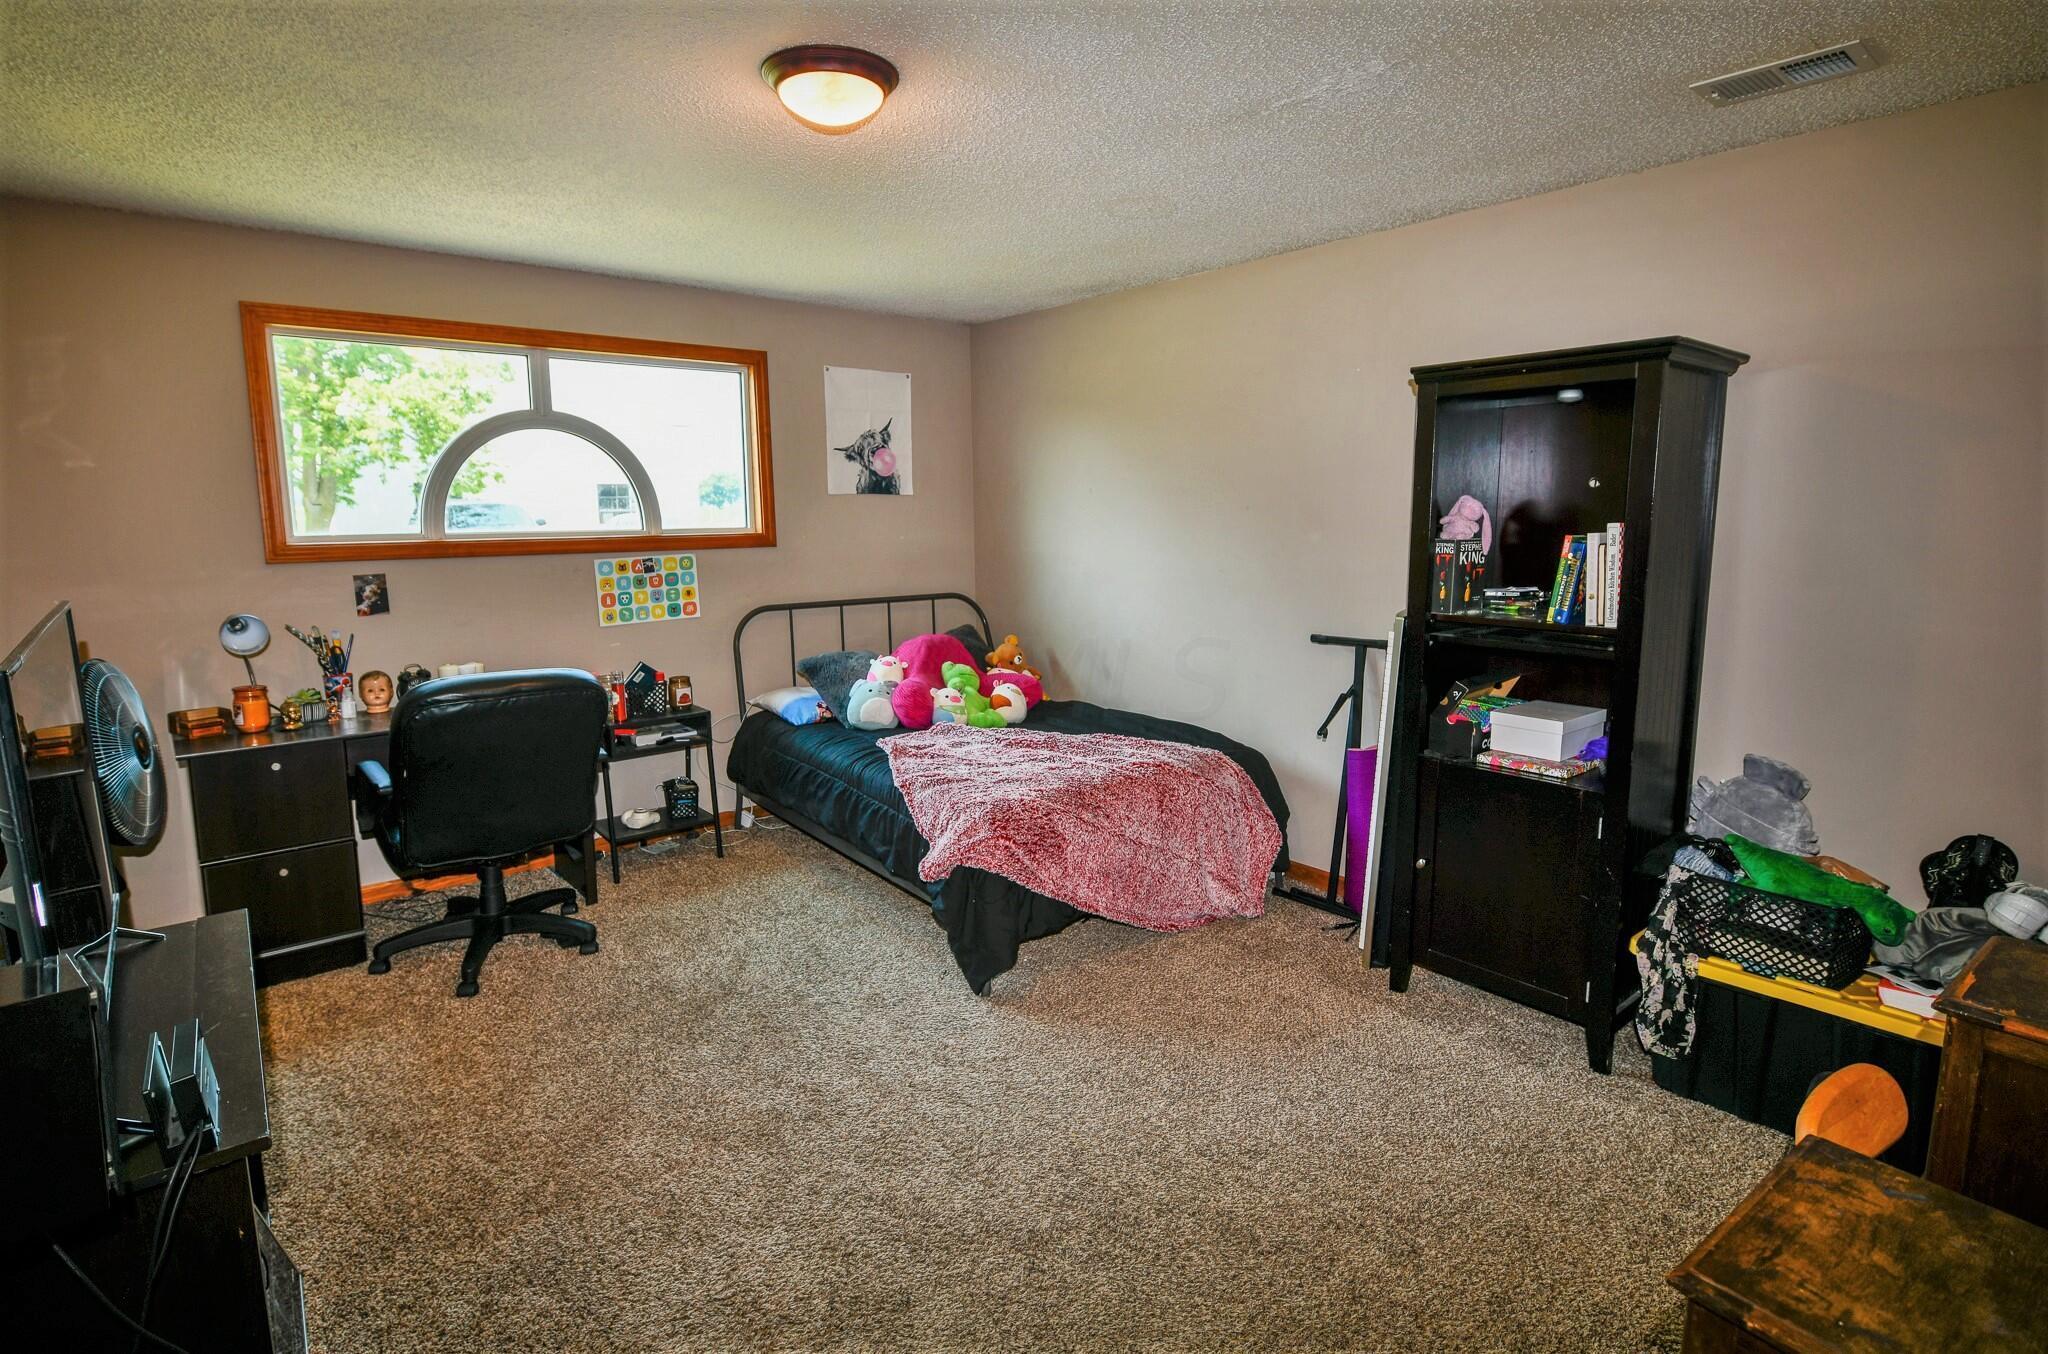 Bedroom #2: 13'x15'